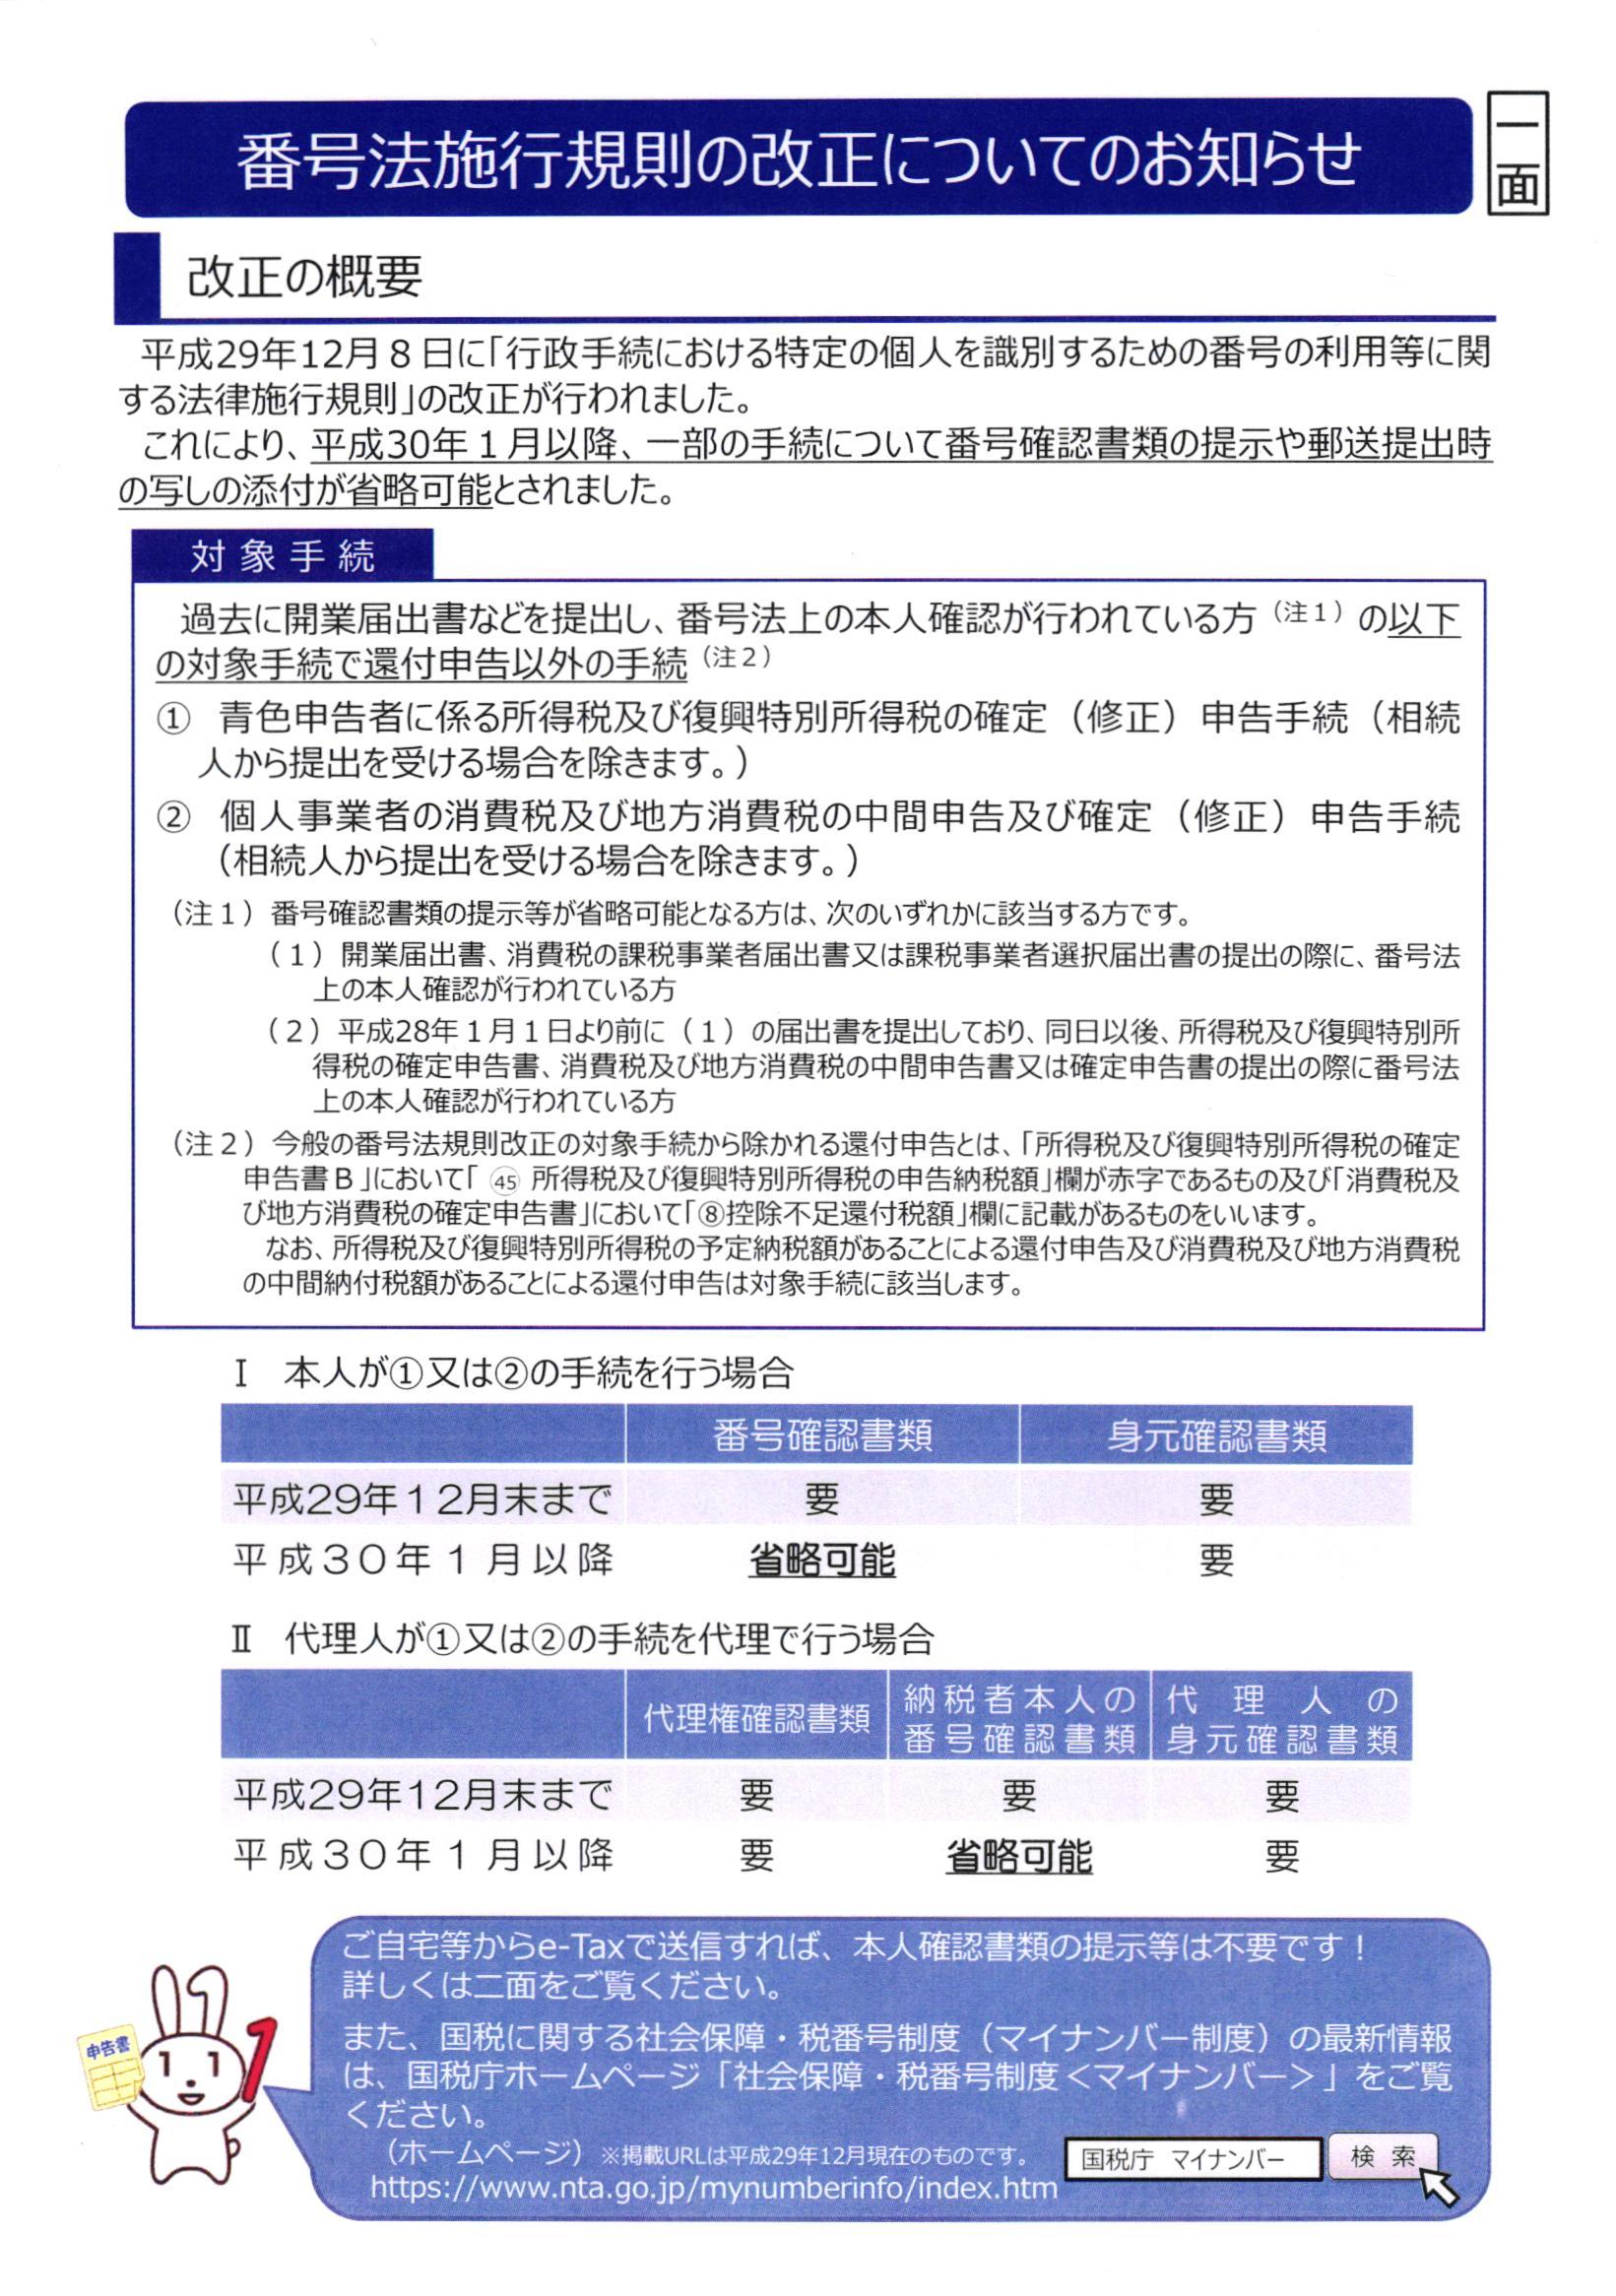 番号法施行規則改正2017年12月14日12時00分09秒